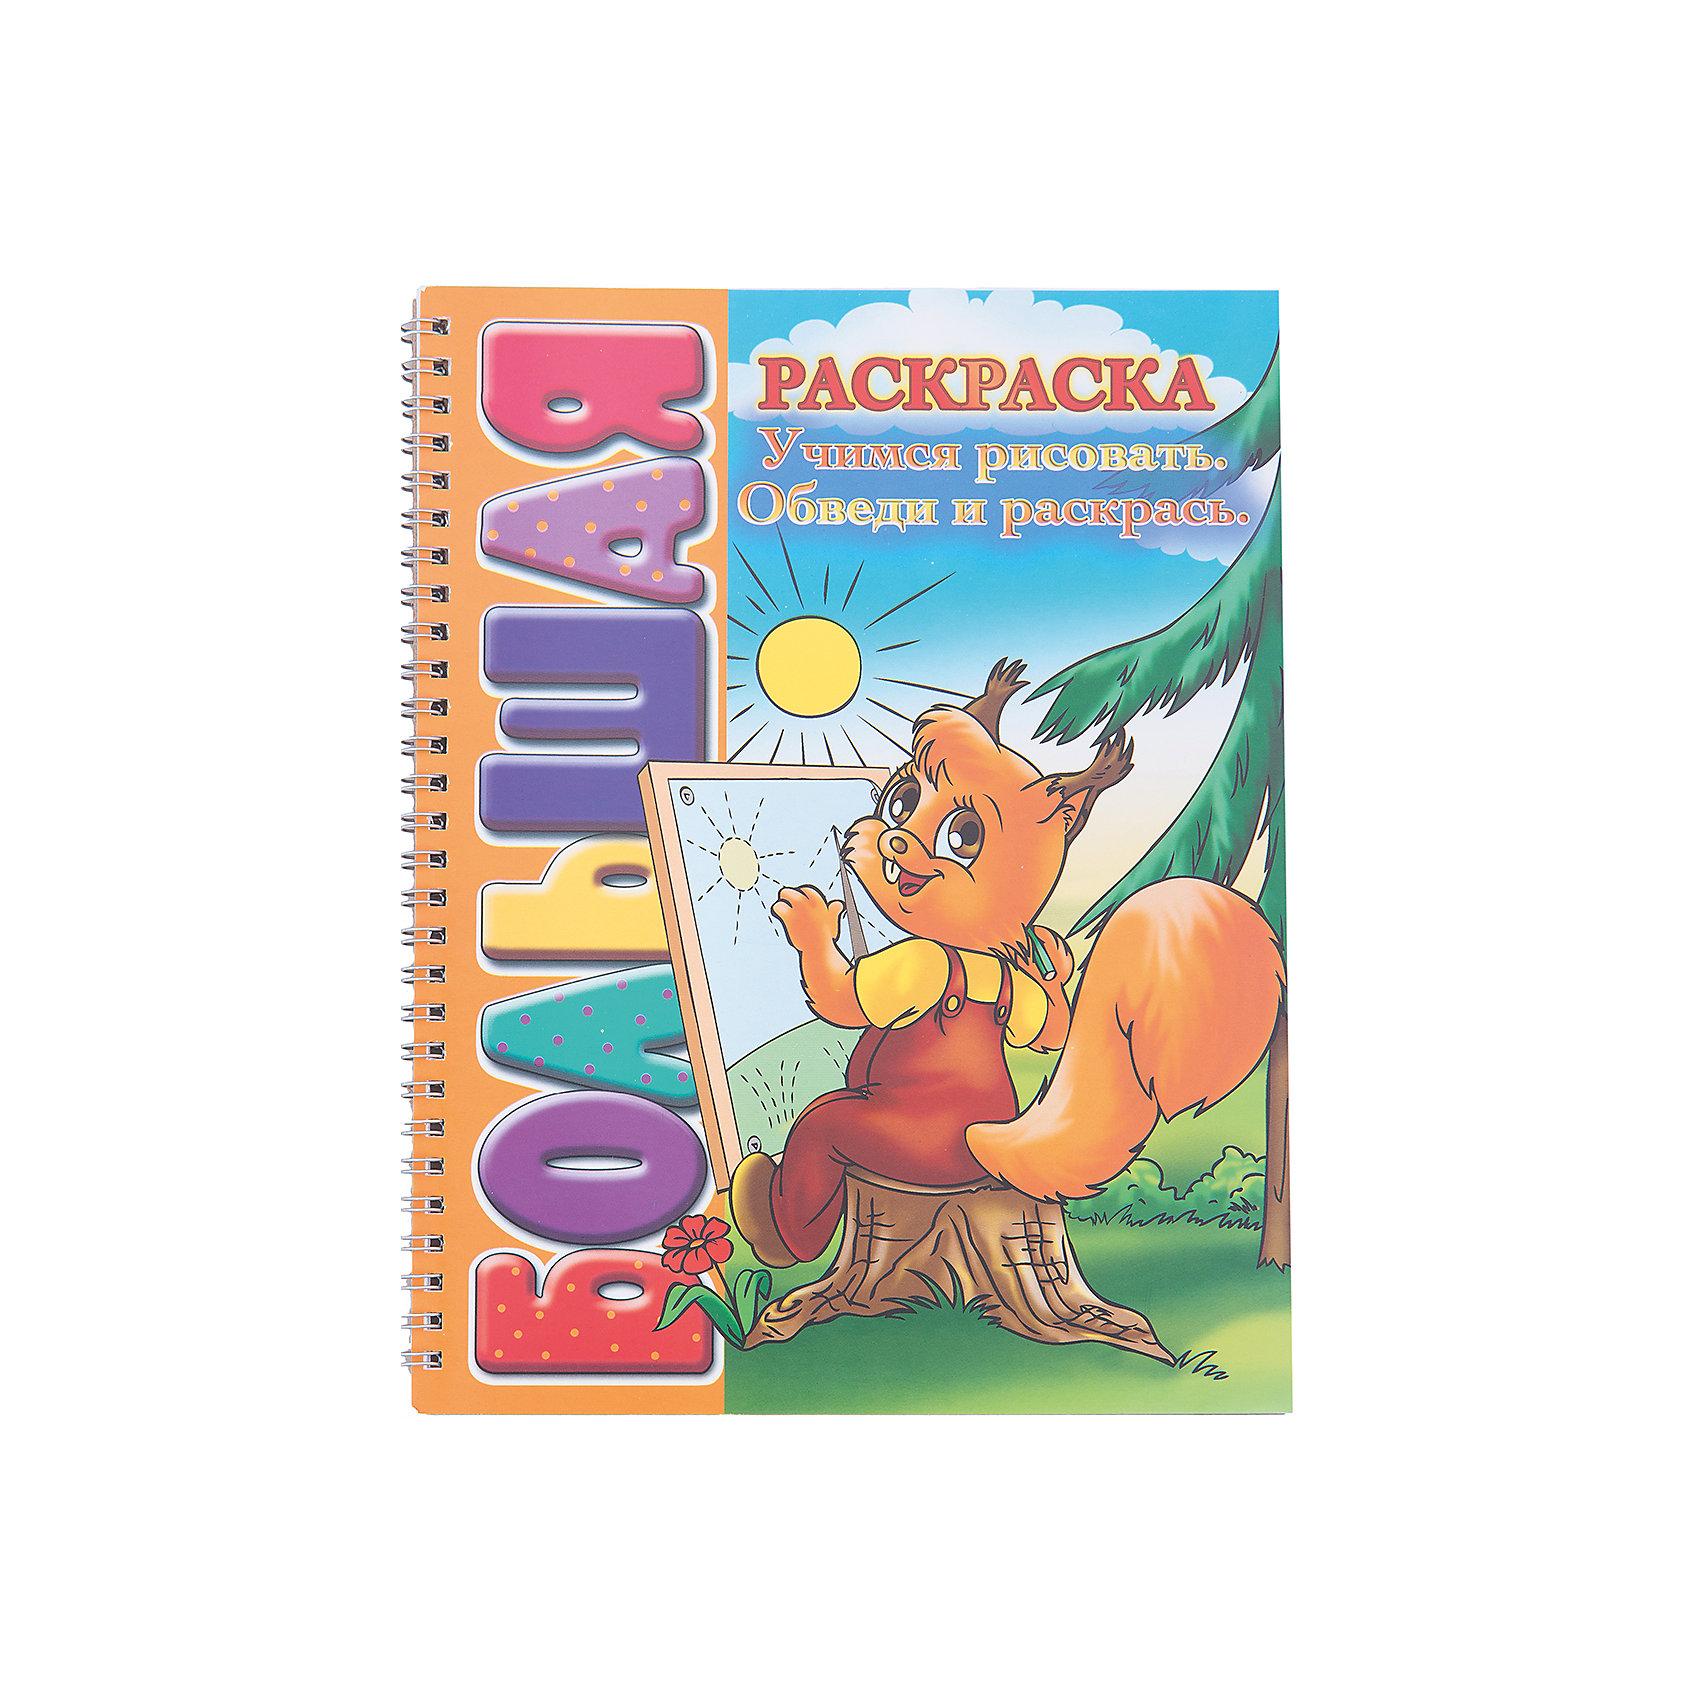 Раскраска Учимся рисовать: обведи и раскрась, 40 страницУчиться рисовать можно в очень интересной форме! Книжки-раскраски - это отличный вариант подарка ребенку, который одновременно и развлечет его, и позволит ему развивать важные навыки. Эта раскраска создана для детей, осваивающих навыки рисования.<br>Раскрашивание картинок в этом издании способствует развитию у малышей мелкой моторики, цветовосприятия, художественного вкуса, внимания и воображения. Раскраска отличается удобным форматом, а также отличным качеством печати и бумаги. <br><br>Дополнительная информация:<br><br>формат: А4;<br>офсетная печать;<br>страниц: 40.<br><br>Раскраску Учимся рисовать: обведи и раскрась, 40 страниц можно купить в нашем магазине.<br><br>Ширина мм: 100<br>Глубина мм: 100<br>Высота мм: 10<br>Вес г: 50<br>Возраст от месяцев: 36<br>Возраст до месяцев: 120<br>Пол: Унисекс<br>Возраст: Детский<br>SKU: 4993586